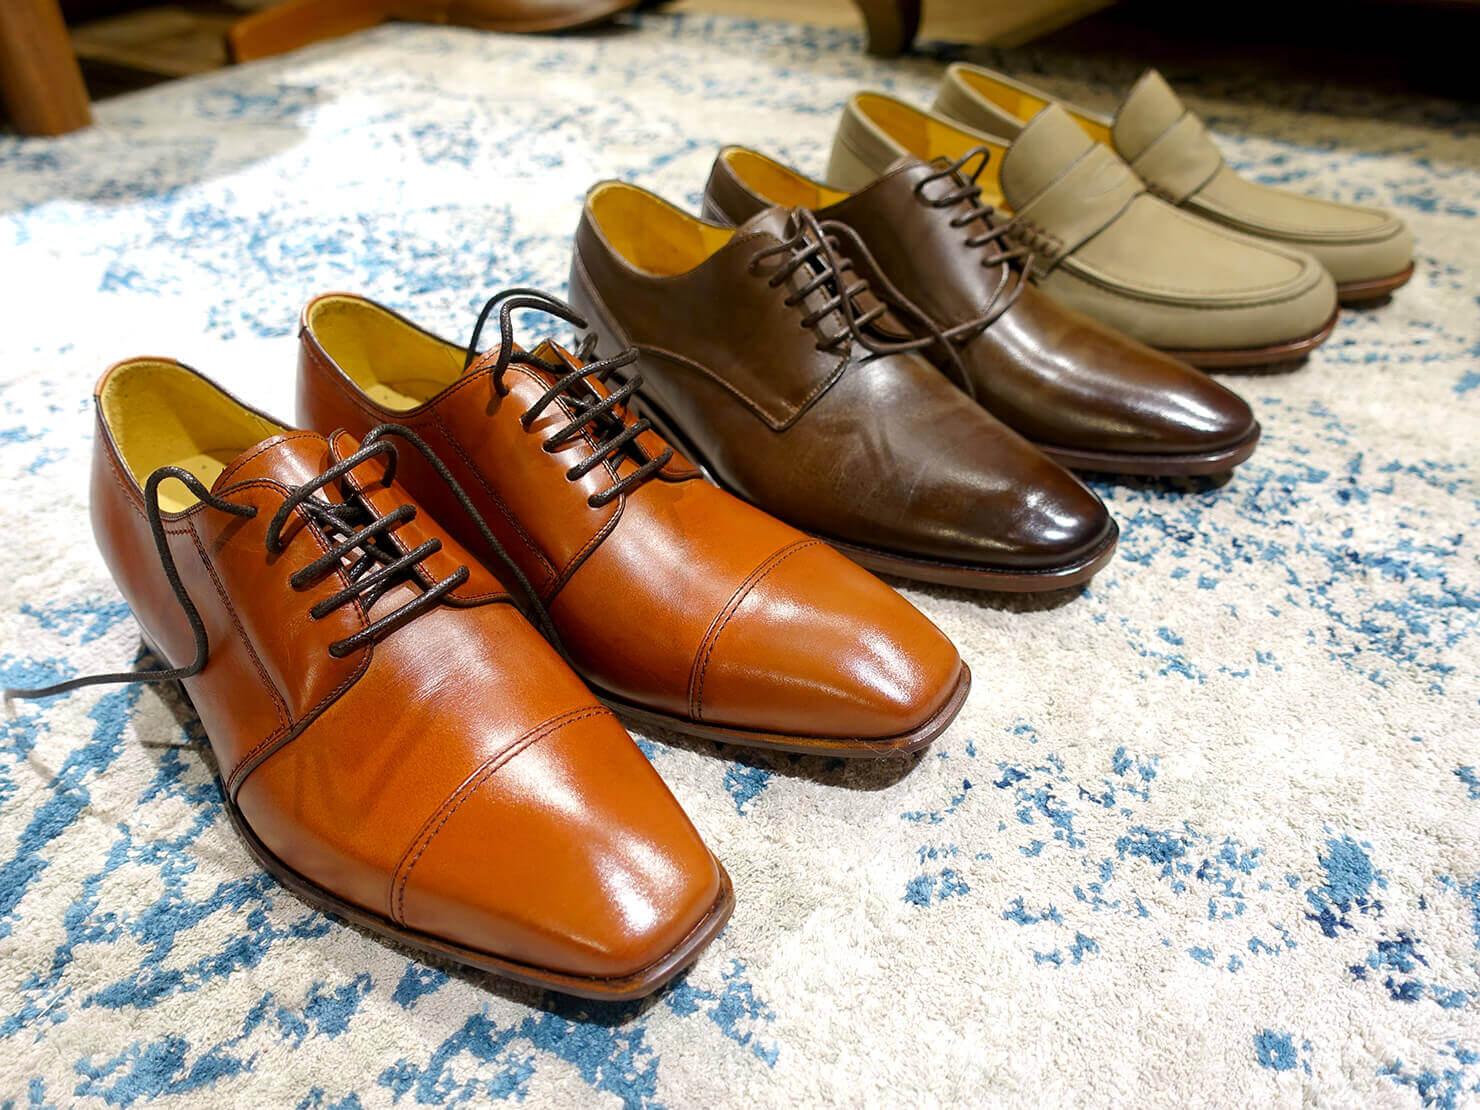 台湾のおすすめ革靴ブランド「林果良品 ORINGO」台北東門店で試着した革靴たち